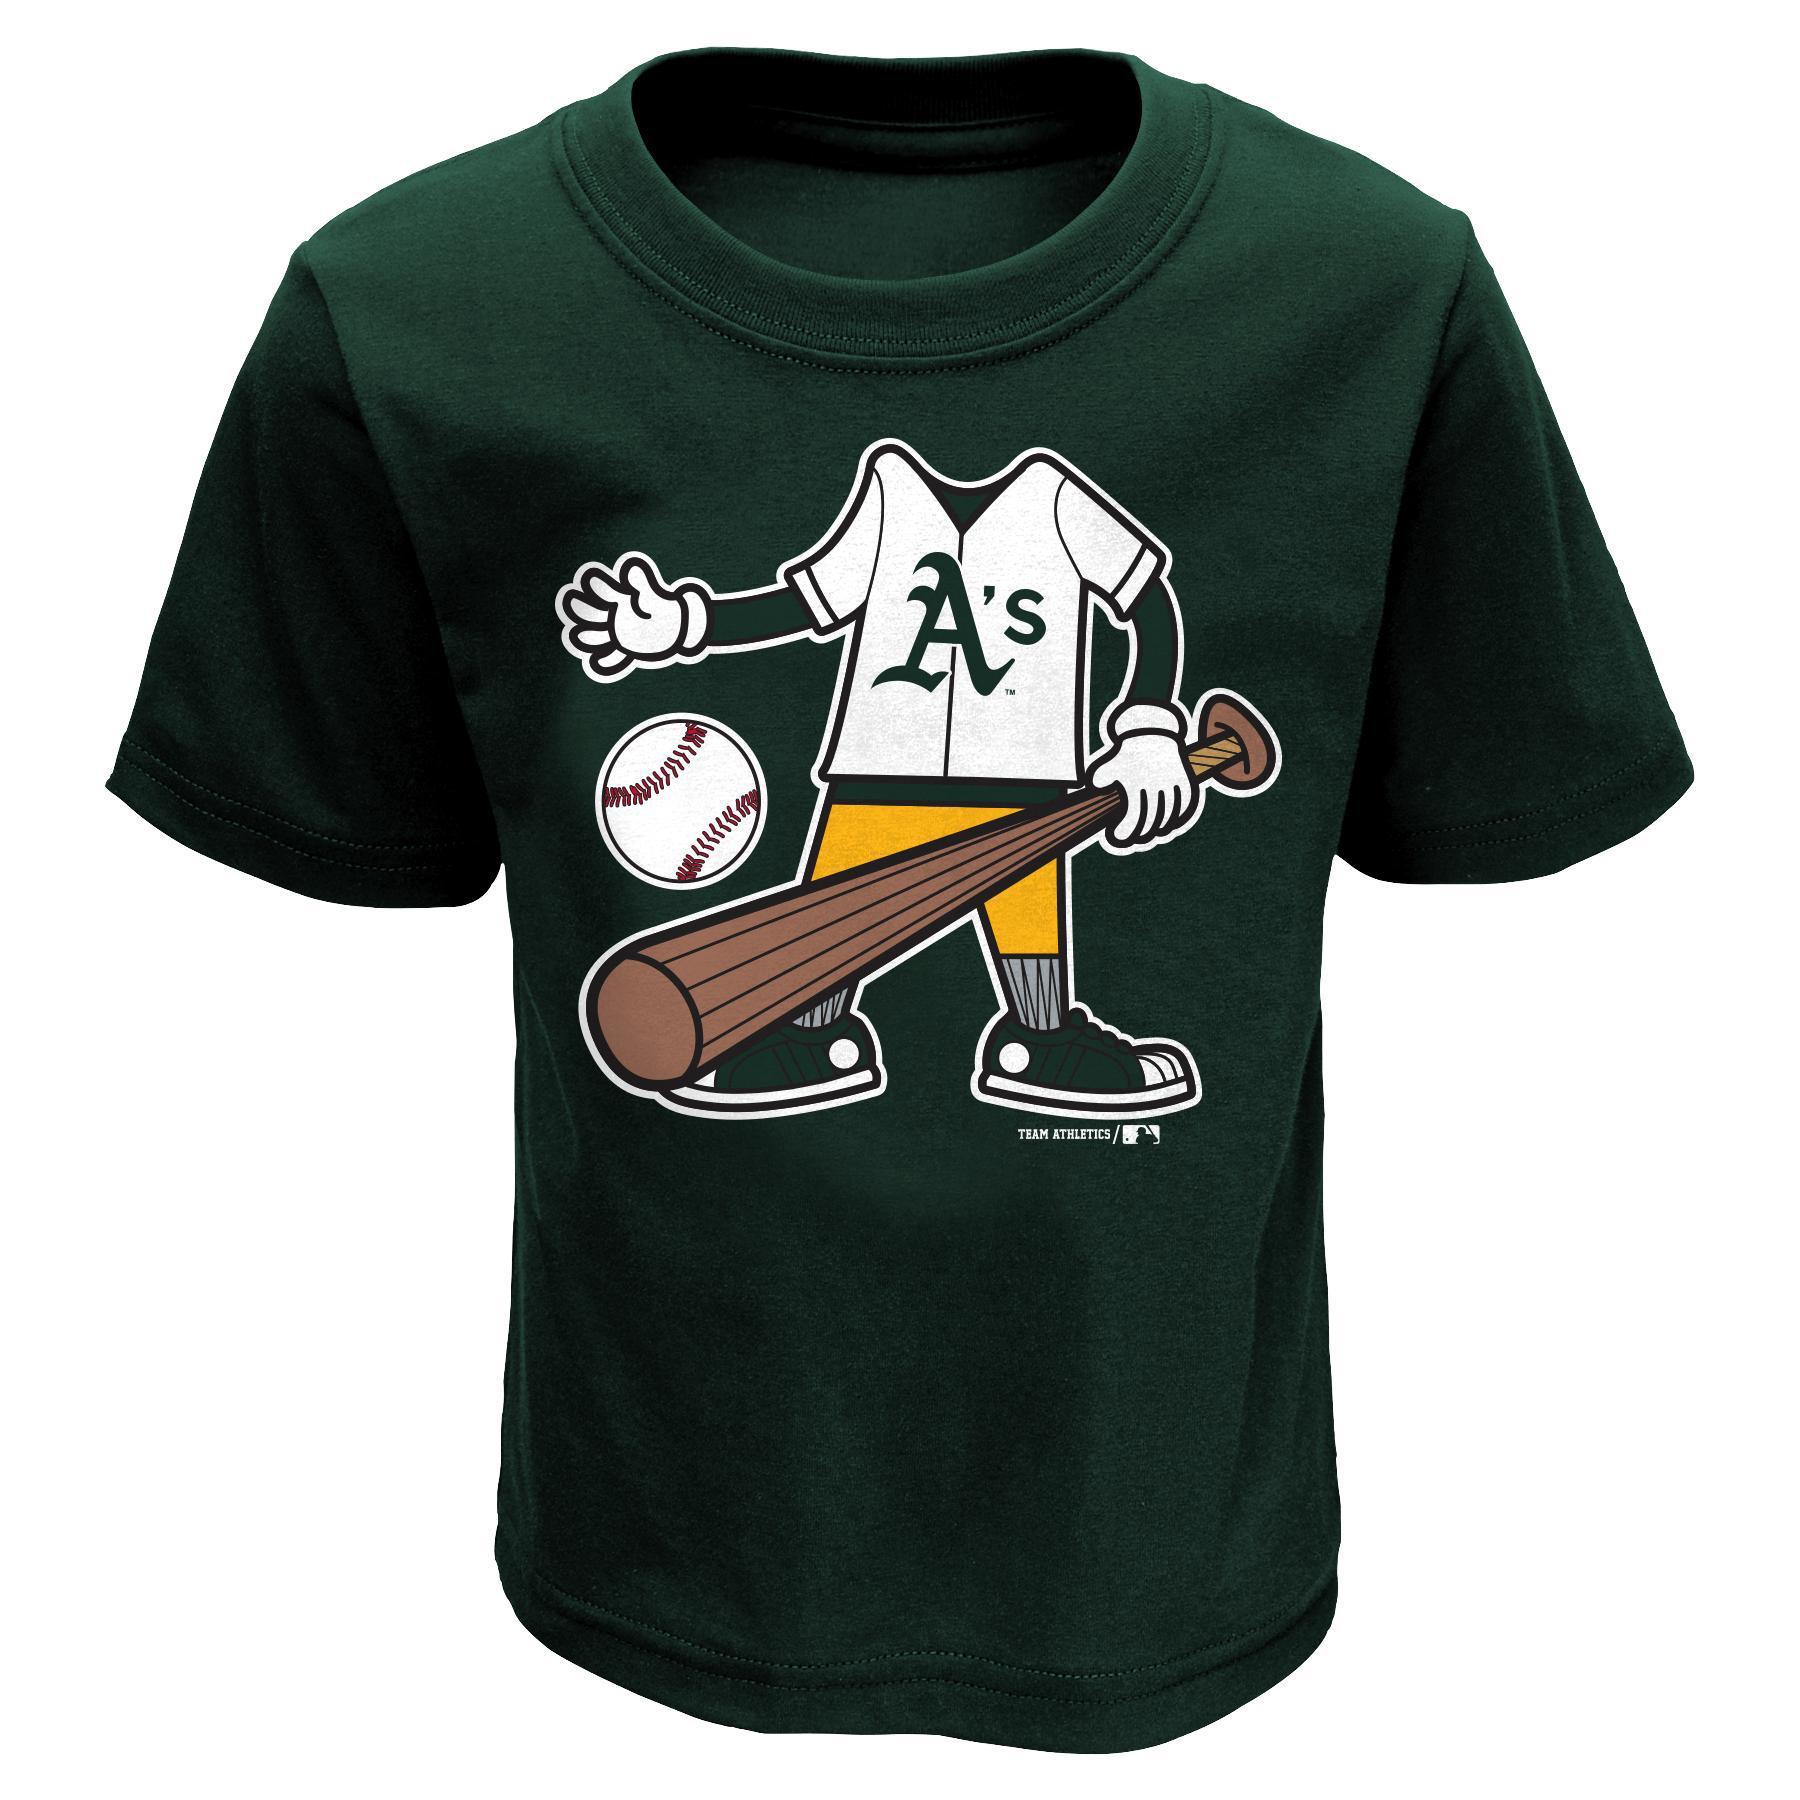 MLB Infant & Toddler Boy's T-Shirt - Oakland Athletics PartNumber: 046VA88745912P MfgPartNumber: 34CFJ-04